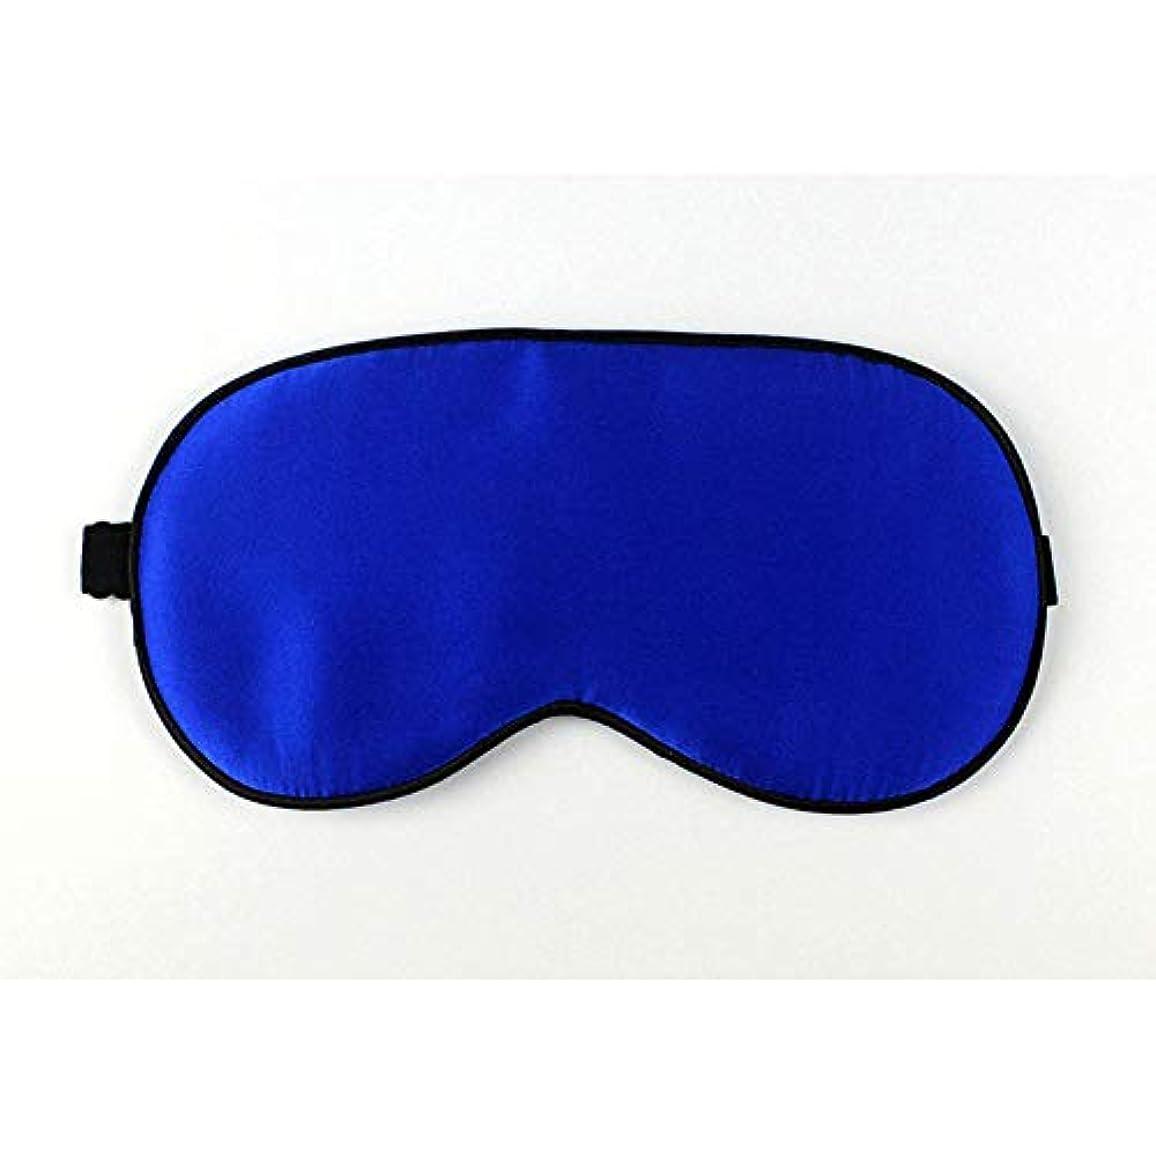 嵐のミュージカル冷蔵するXuBa アイマスク ソフト シルク 弾力 睡眠 遮光  完璧な睡眠環境 アイシェード スリープシールド オフィス  ダークブルー